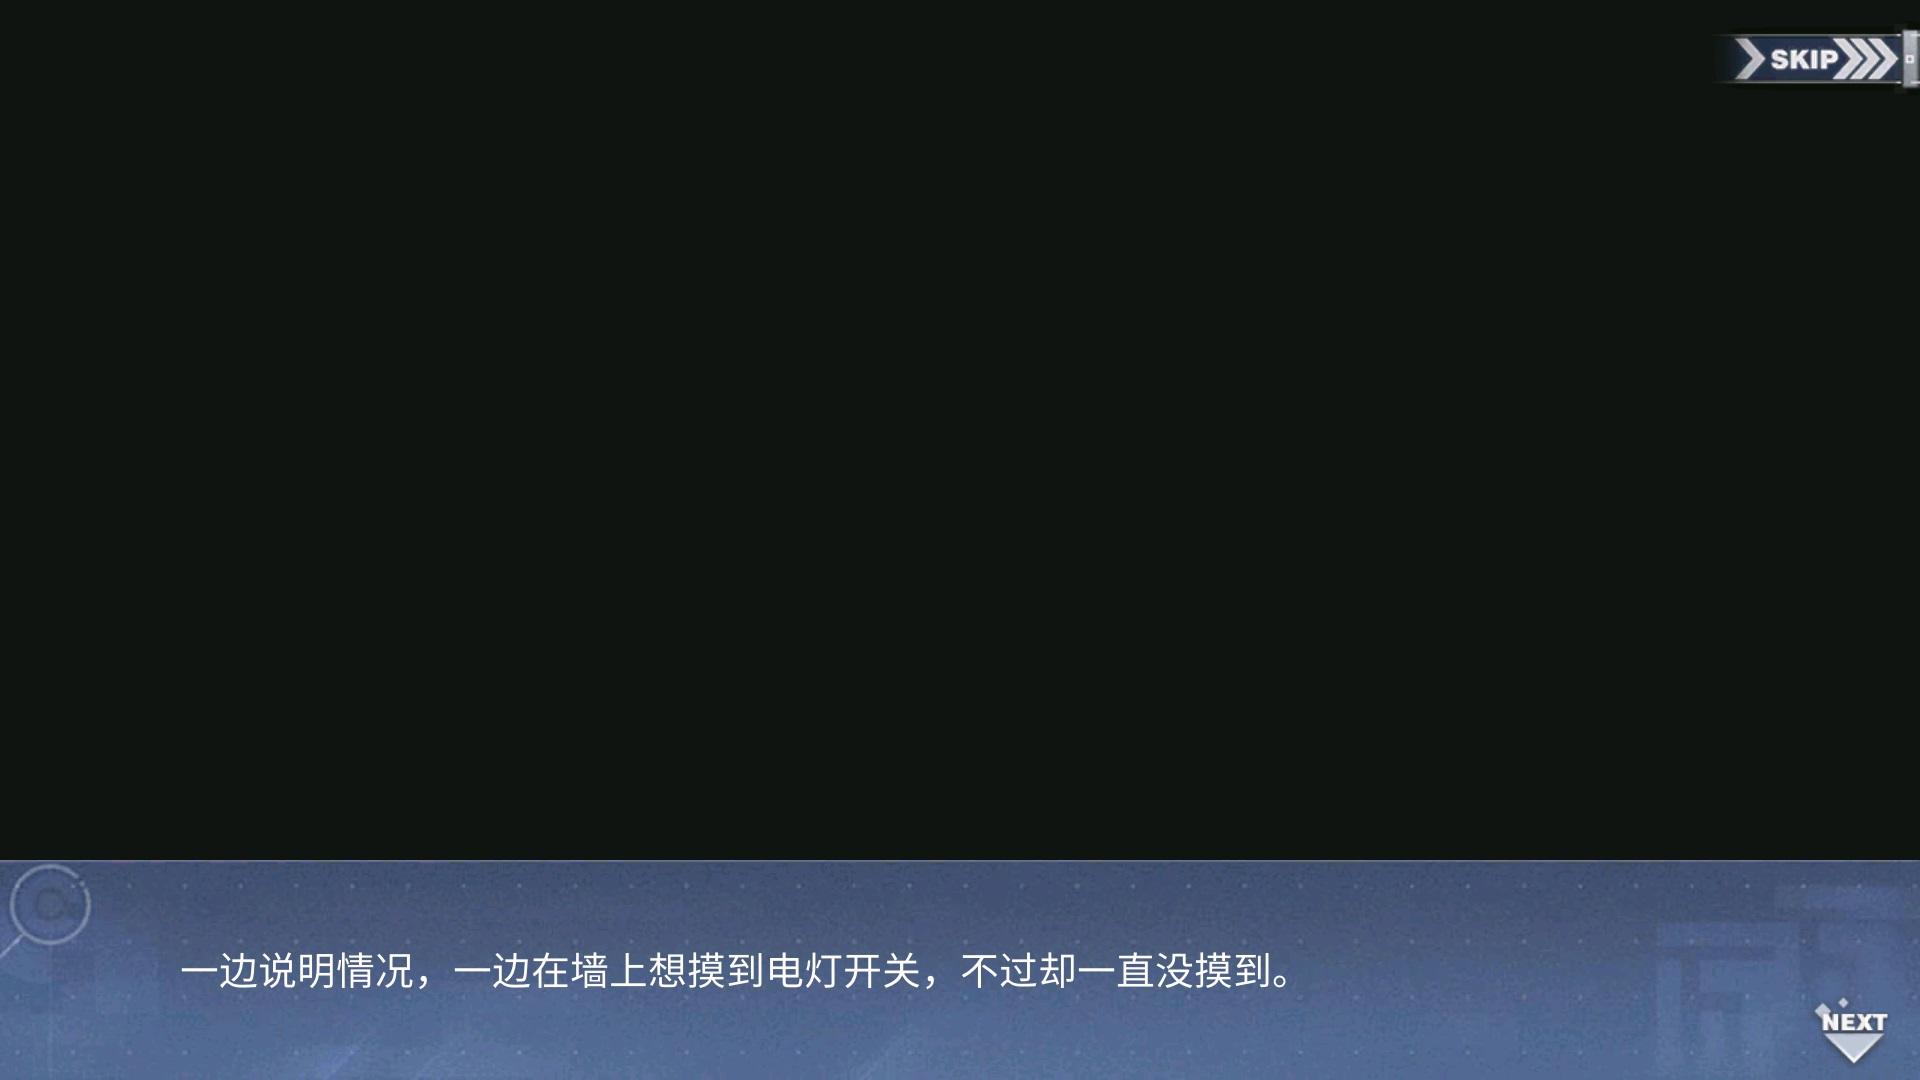 回忆 GO!肯特选手! 黑夜里的光!018.jpg